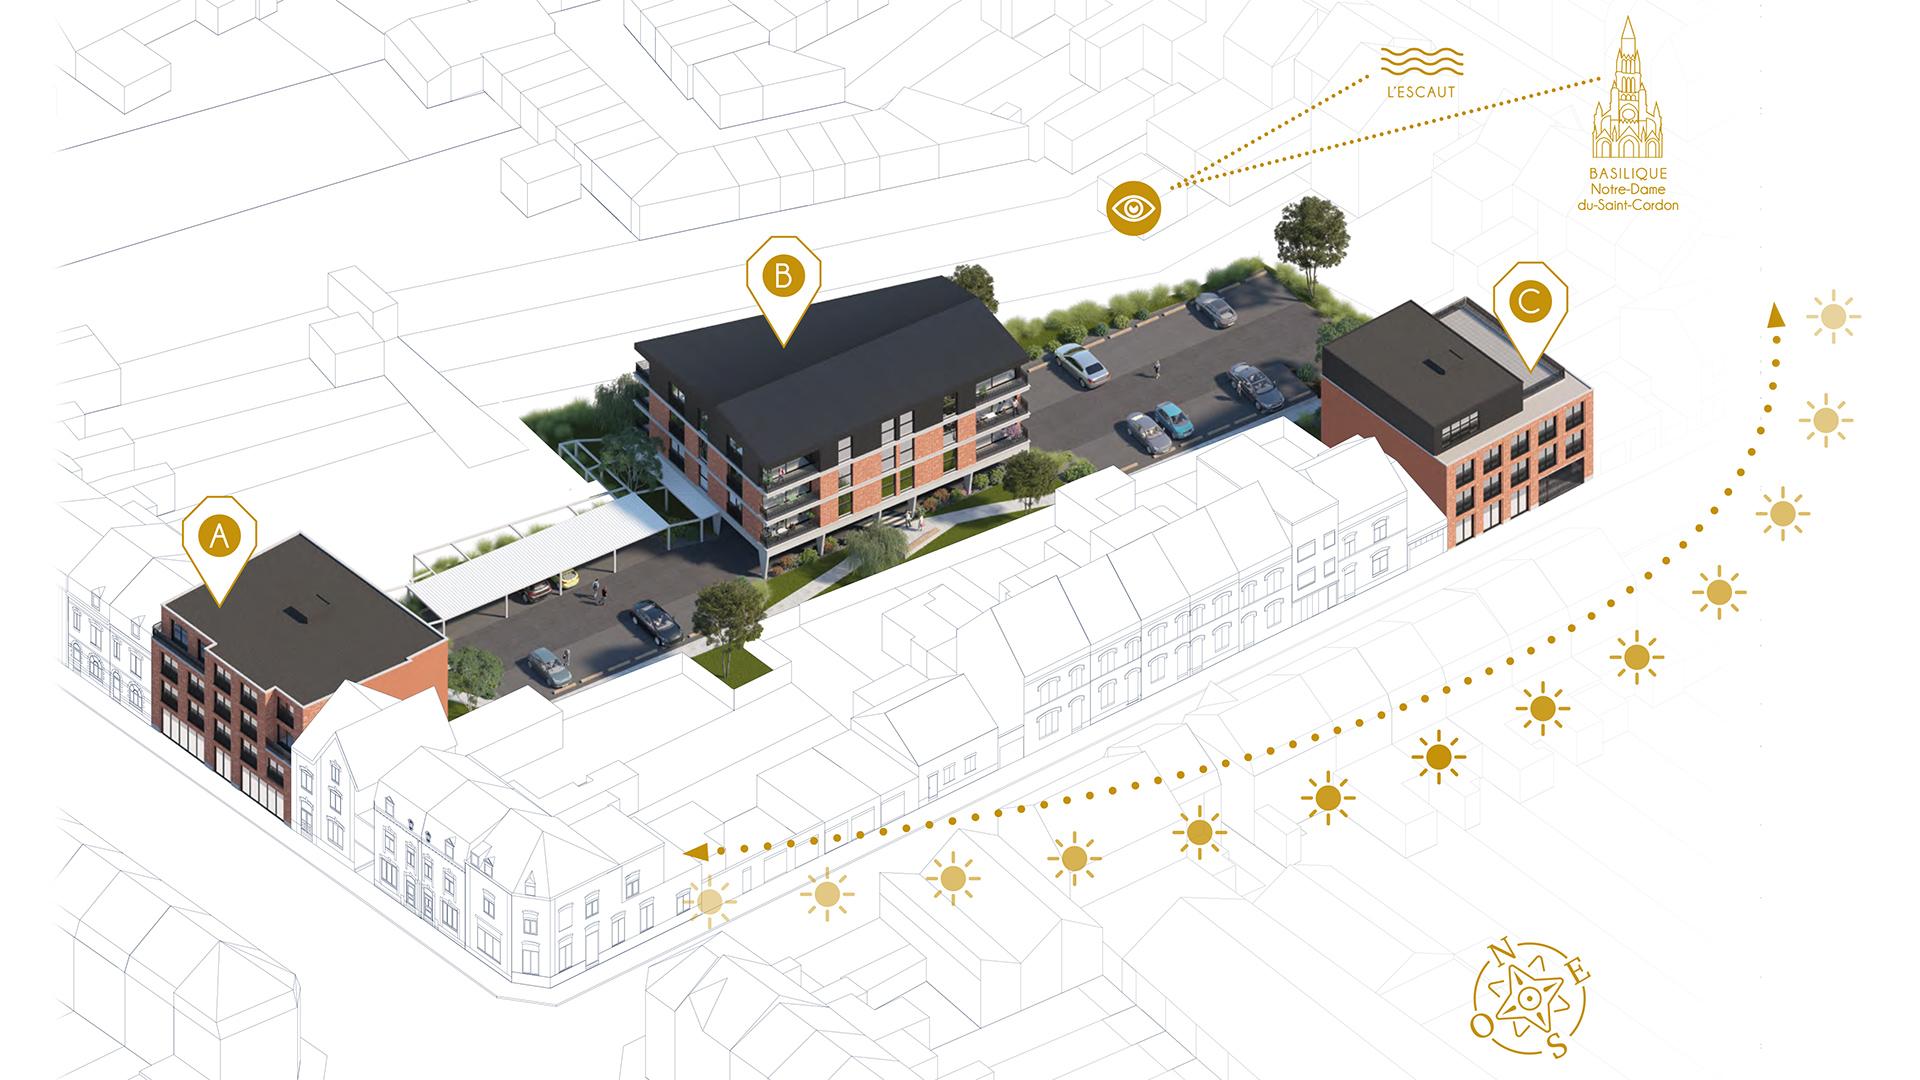 IMCC - Jean-Charles Giardina + Coache Landré Architectes - Intégration graphique : Joseph Talma